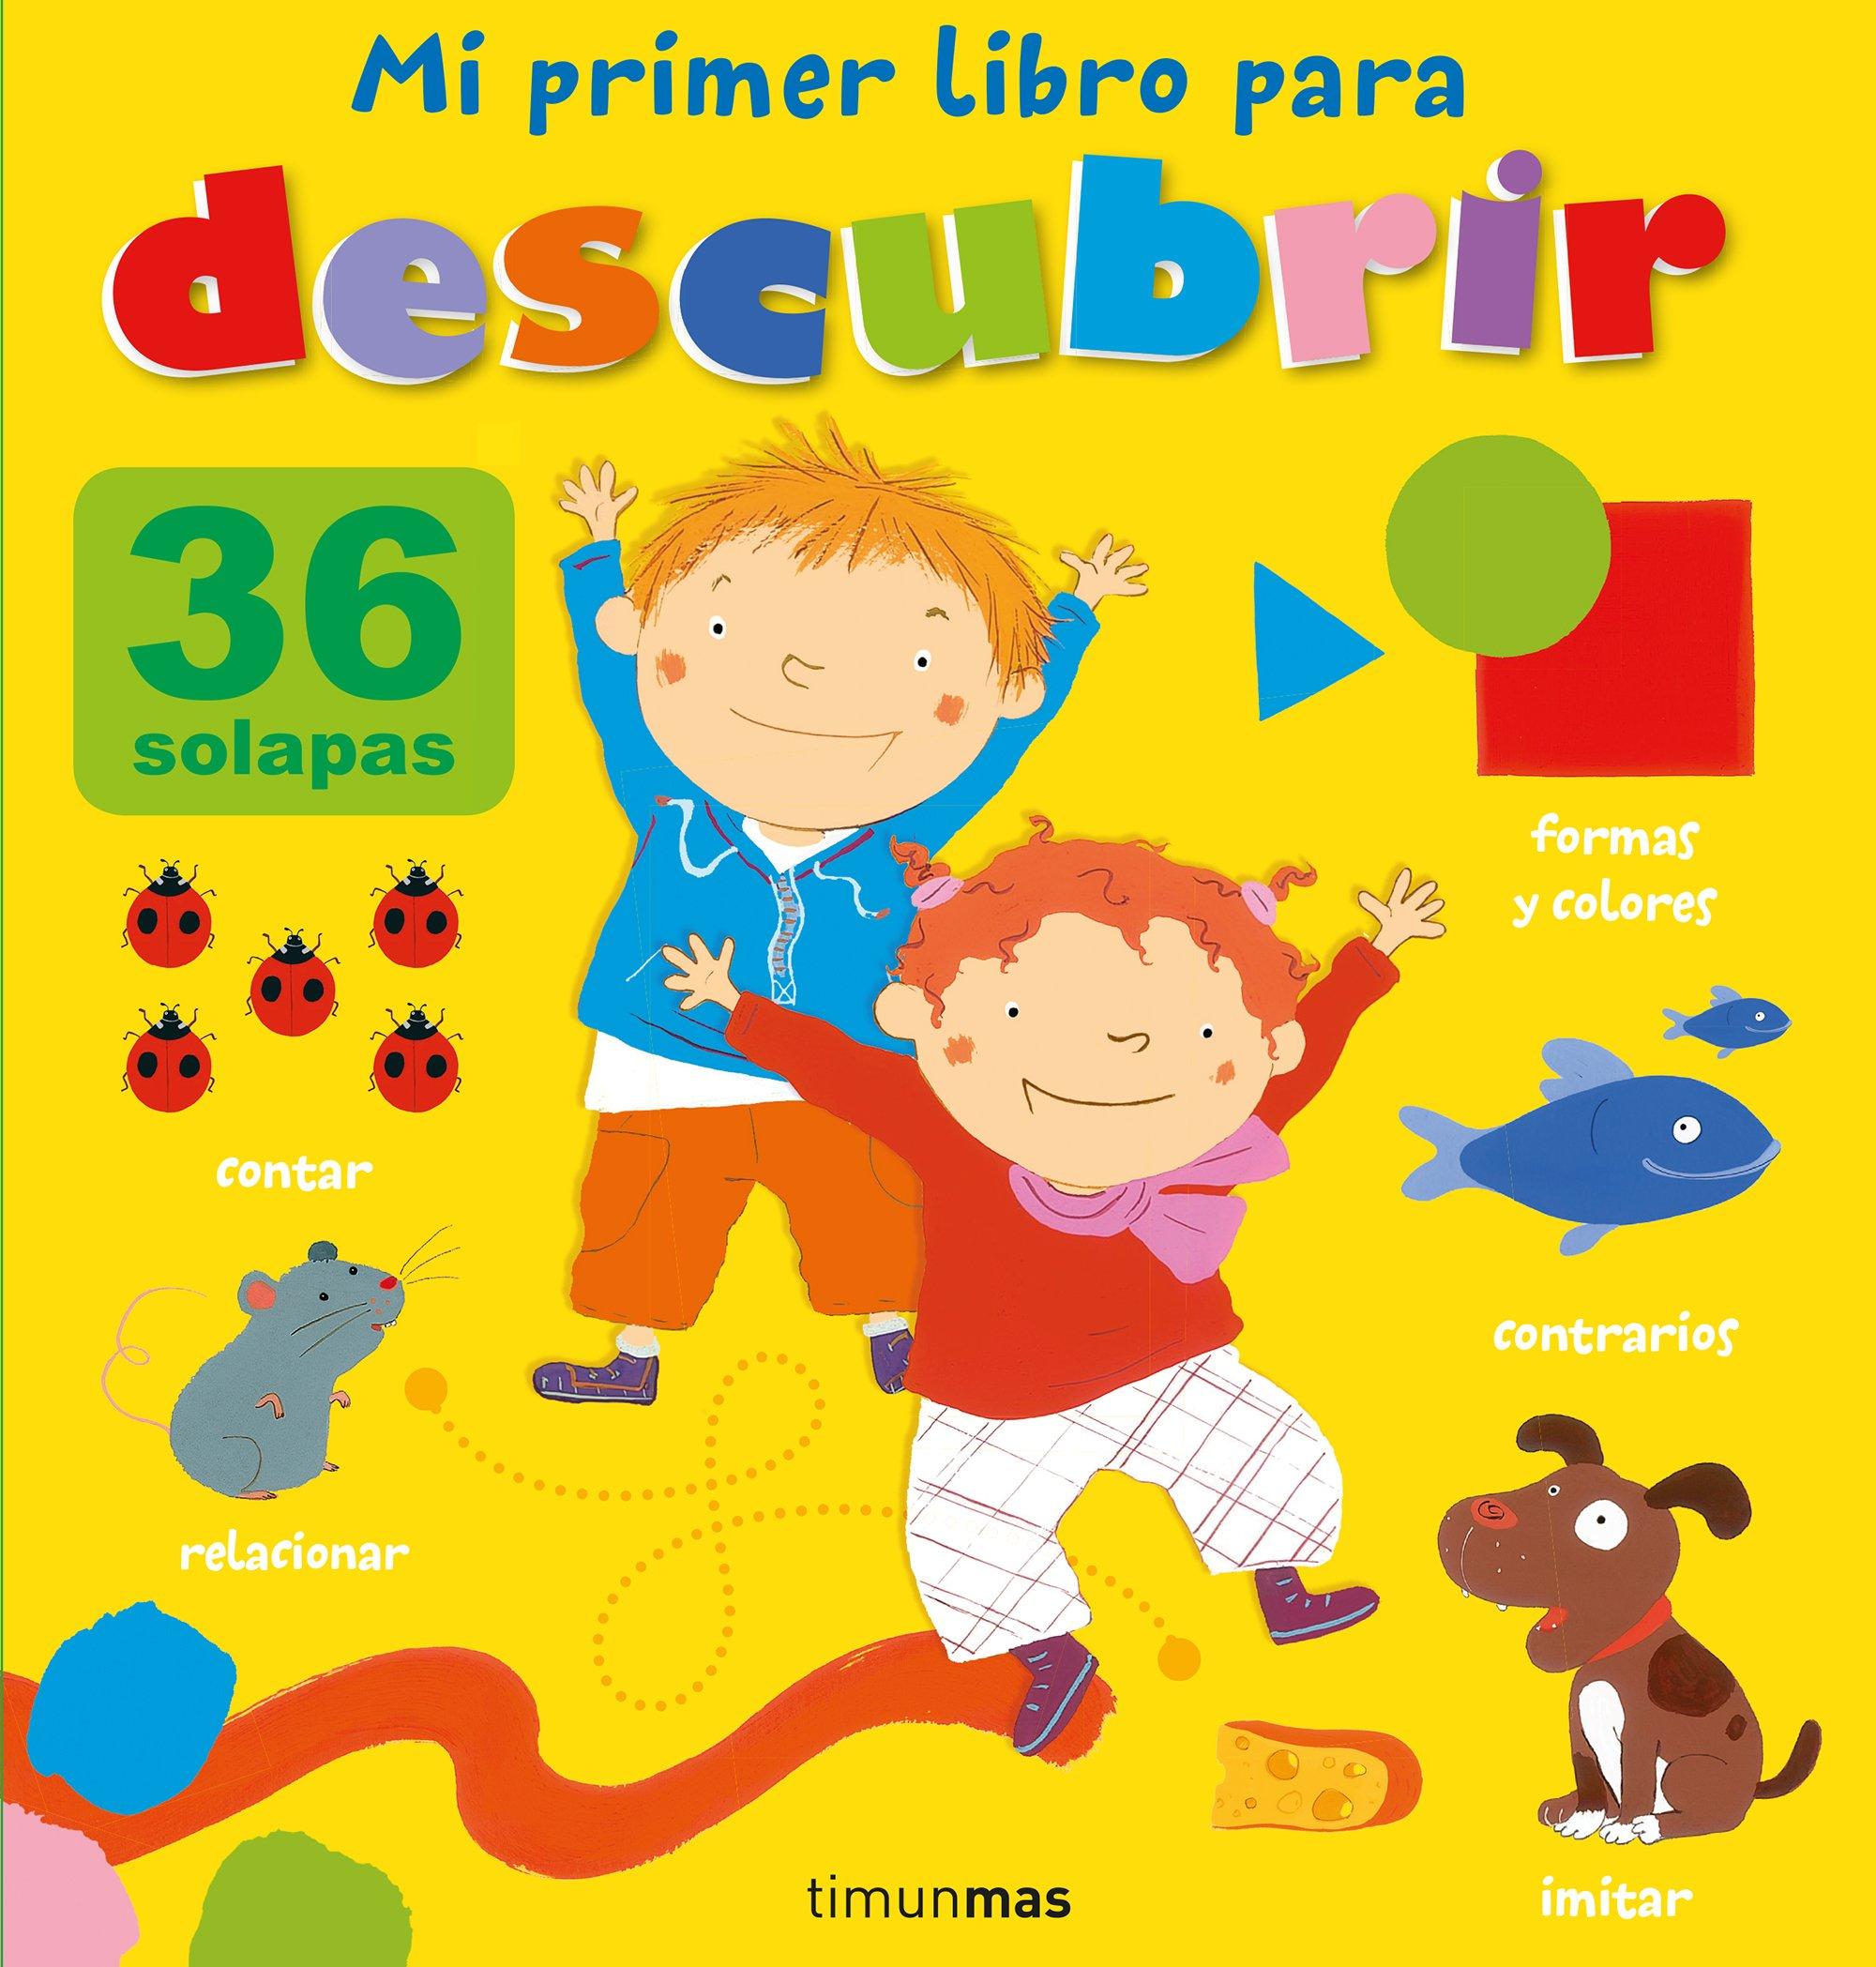 Mi primer libro para descubrir Libros con solapas y lengüetas: Amazon.es: Autores varios, Editorial Planeta S. A.: Libros